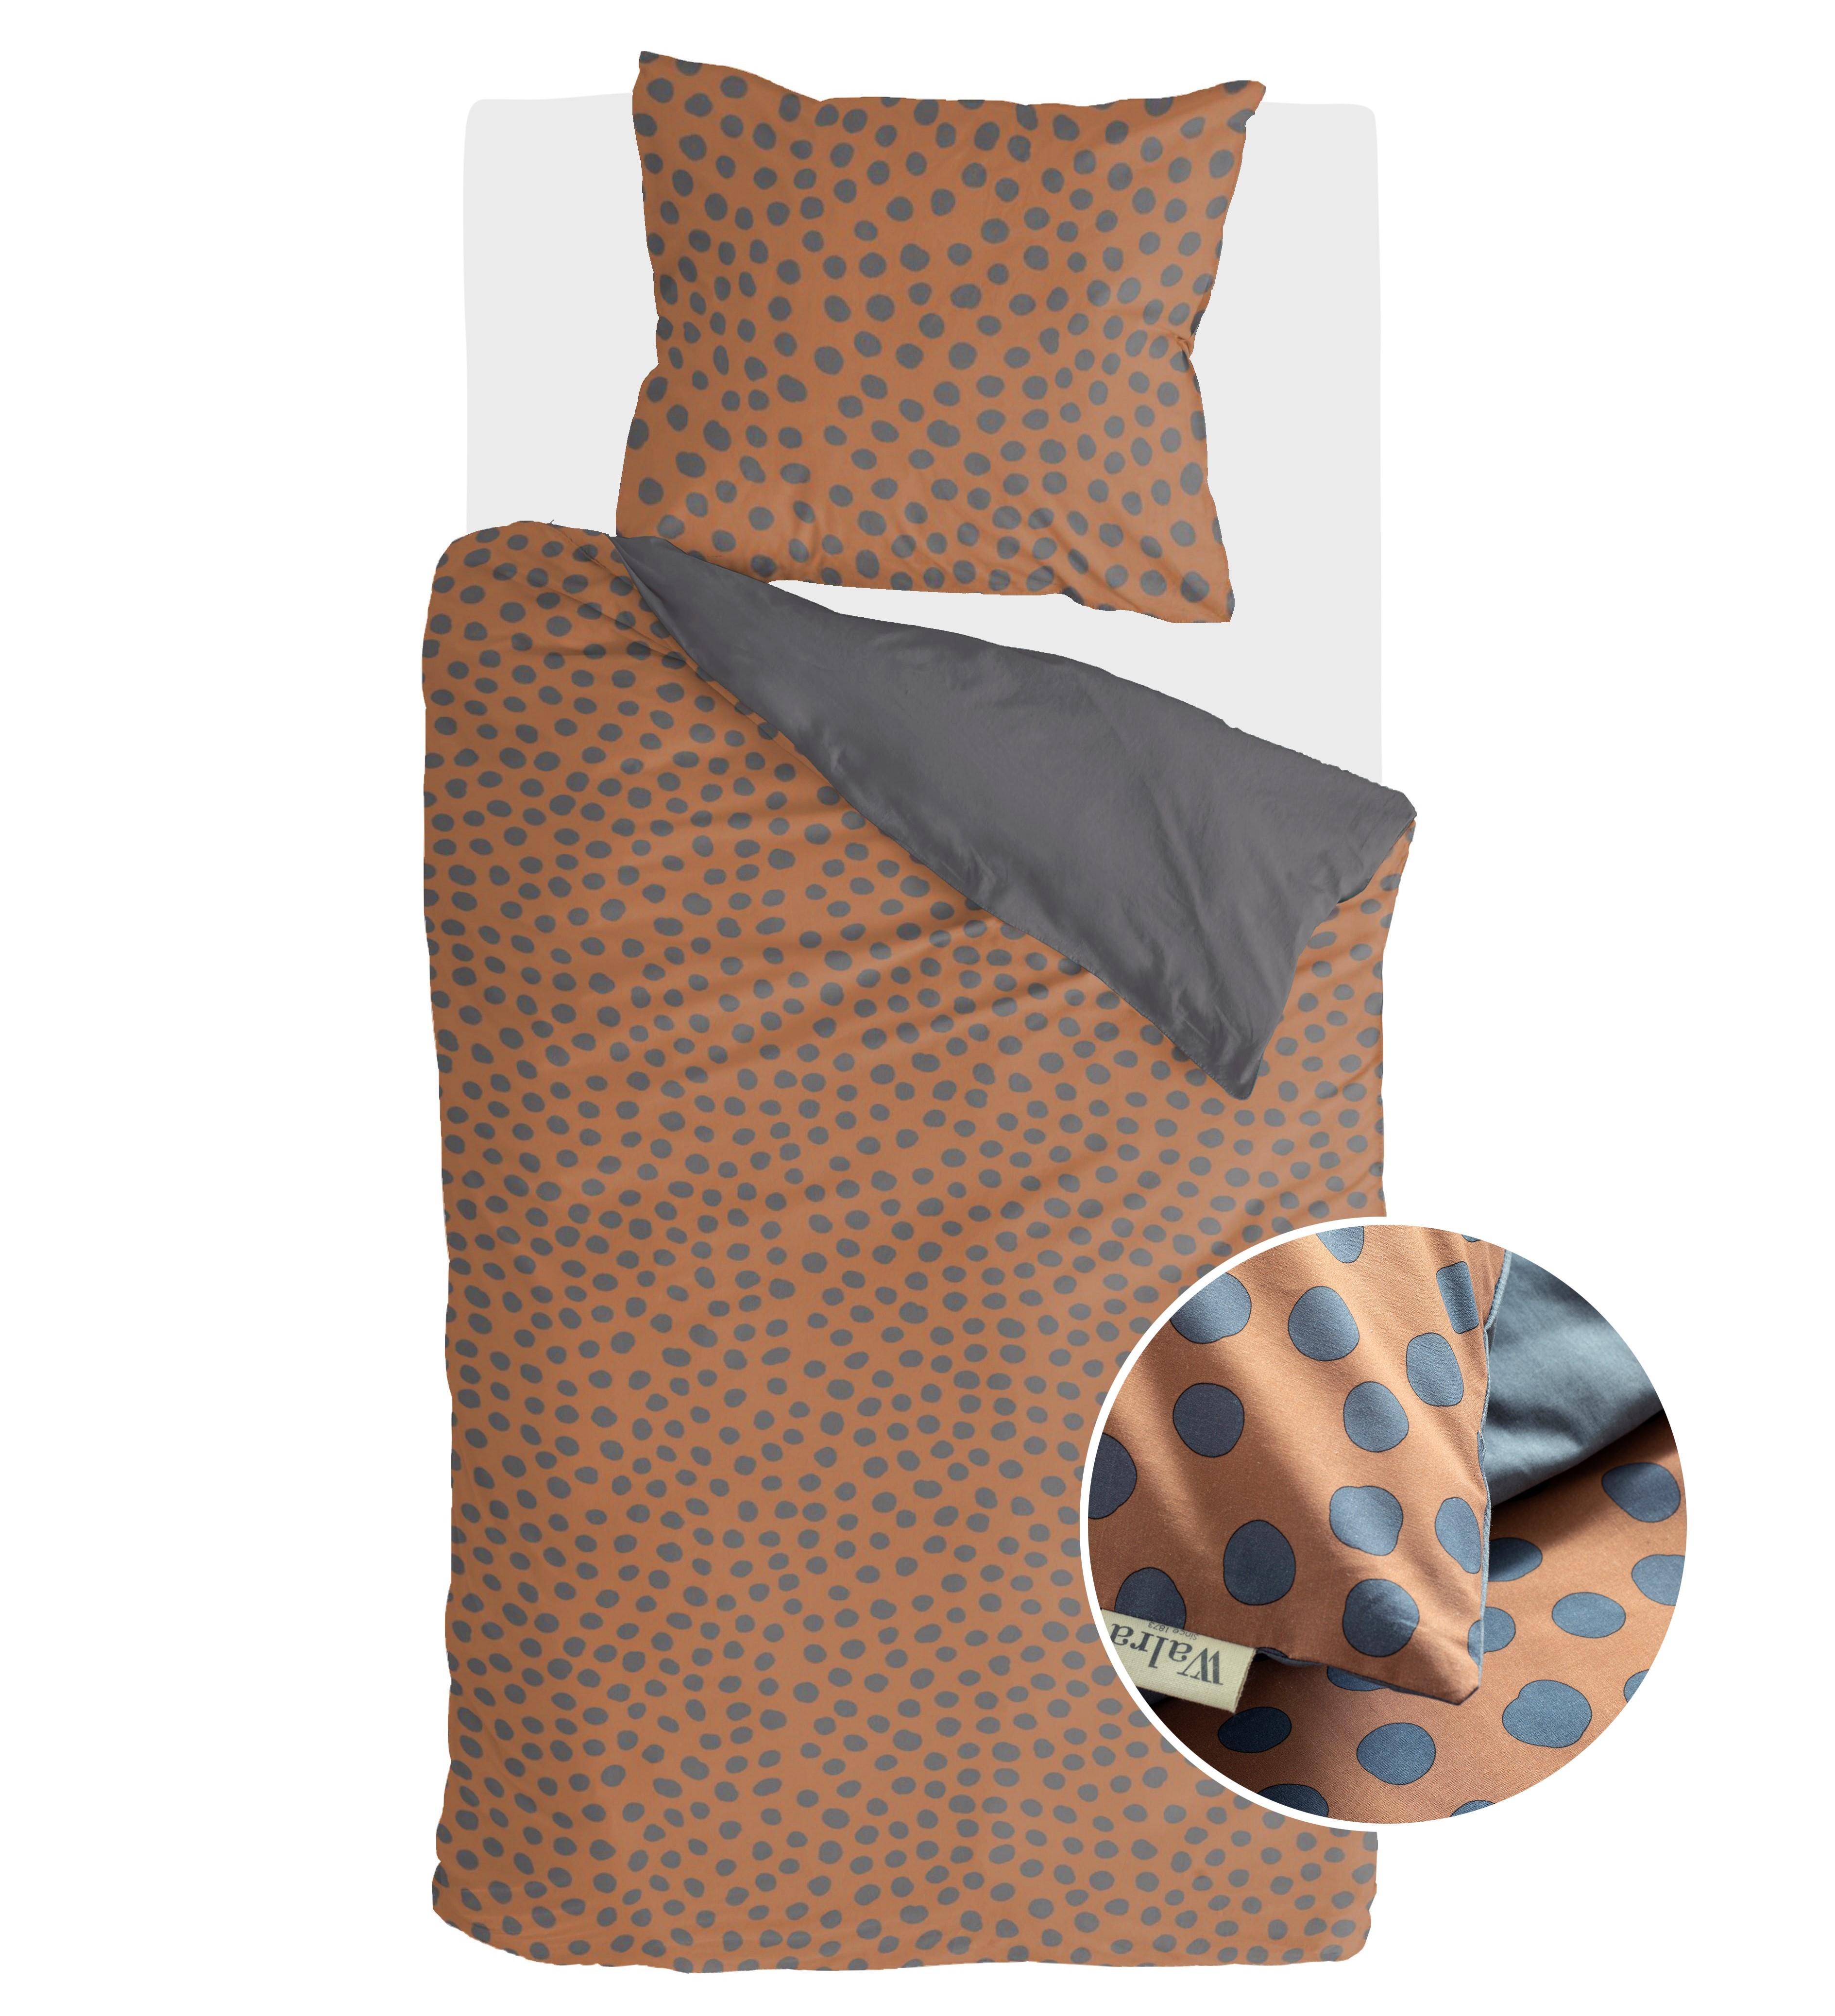 Dekbedovertrek Walra Spots & Dots 140x220 cm Cognac 1-persoons